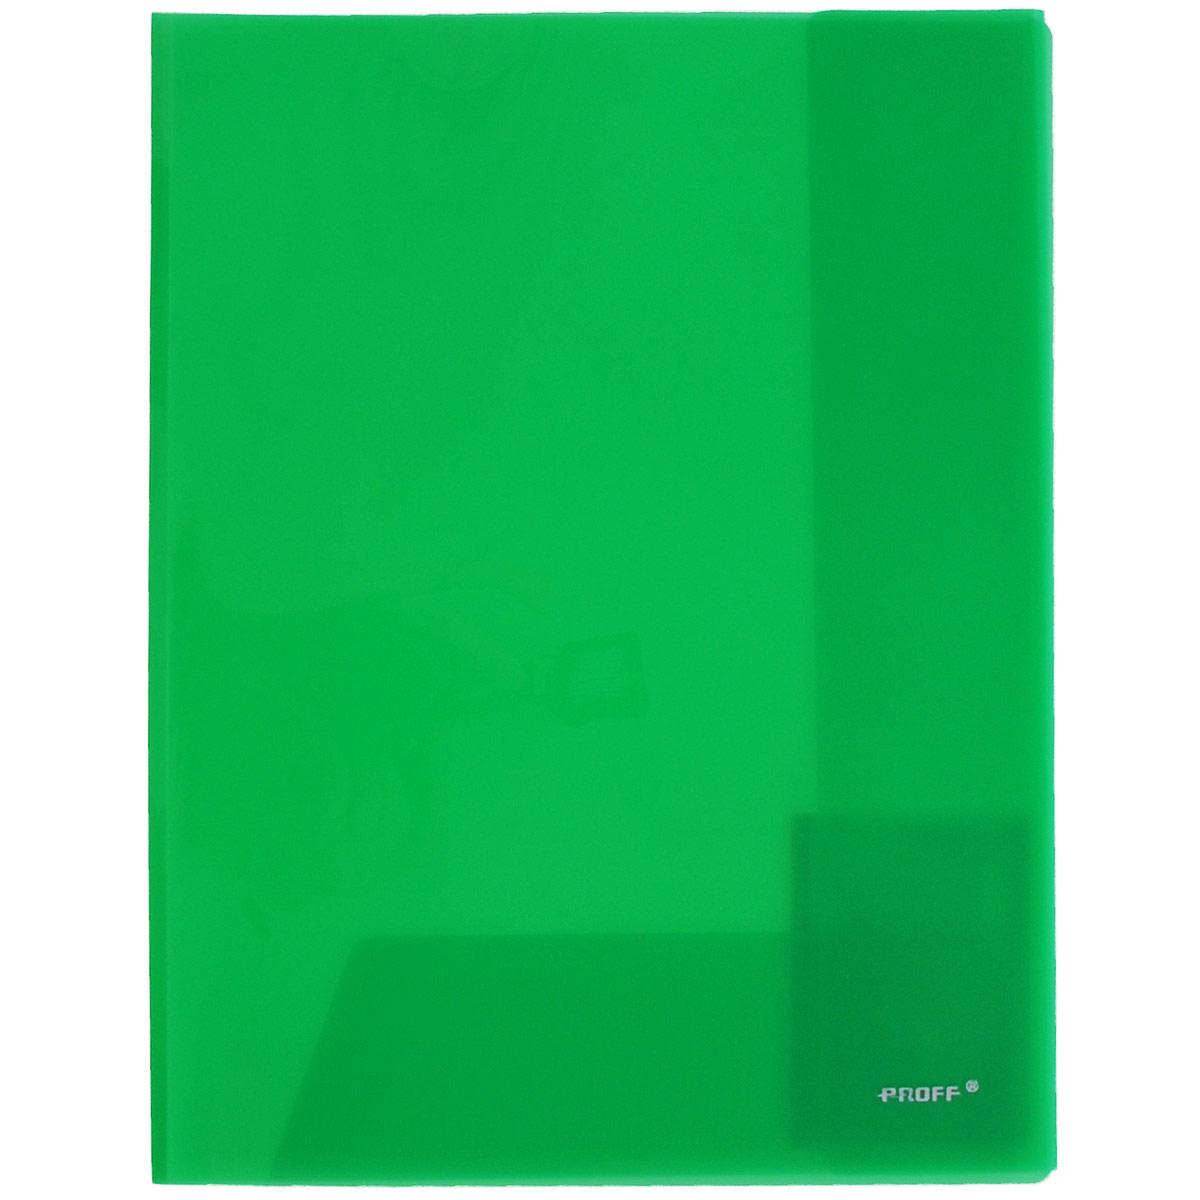 Папка-уголок Proff, цвет: зеленый, 2 клапана. Формат А4611308Папка-уголок Proff, изготовленная из высококачественного полипропилена, это удобный и практичный офисный инструмент, предназначенный для хранения и транспортировки рабочих бумаг и документов формата А4. Полупрозрачная папка оснащена двумя клапана внутри для надежного удержания бумаг. Папка-уголок - это незаменимый атрибут для студента, школьника, офисного работника. Такая папка надежно сохранит ваши документы и сбережет их от повреждений, пыли и влаги.